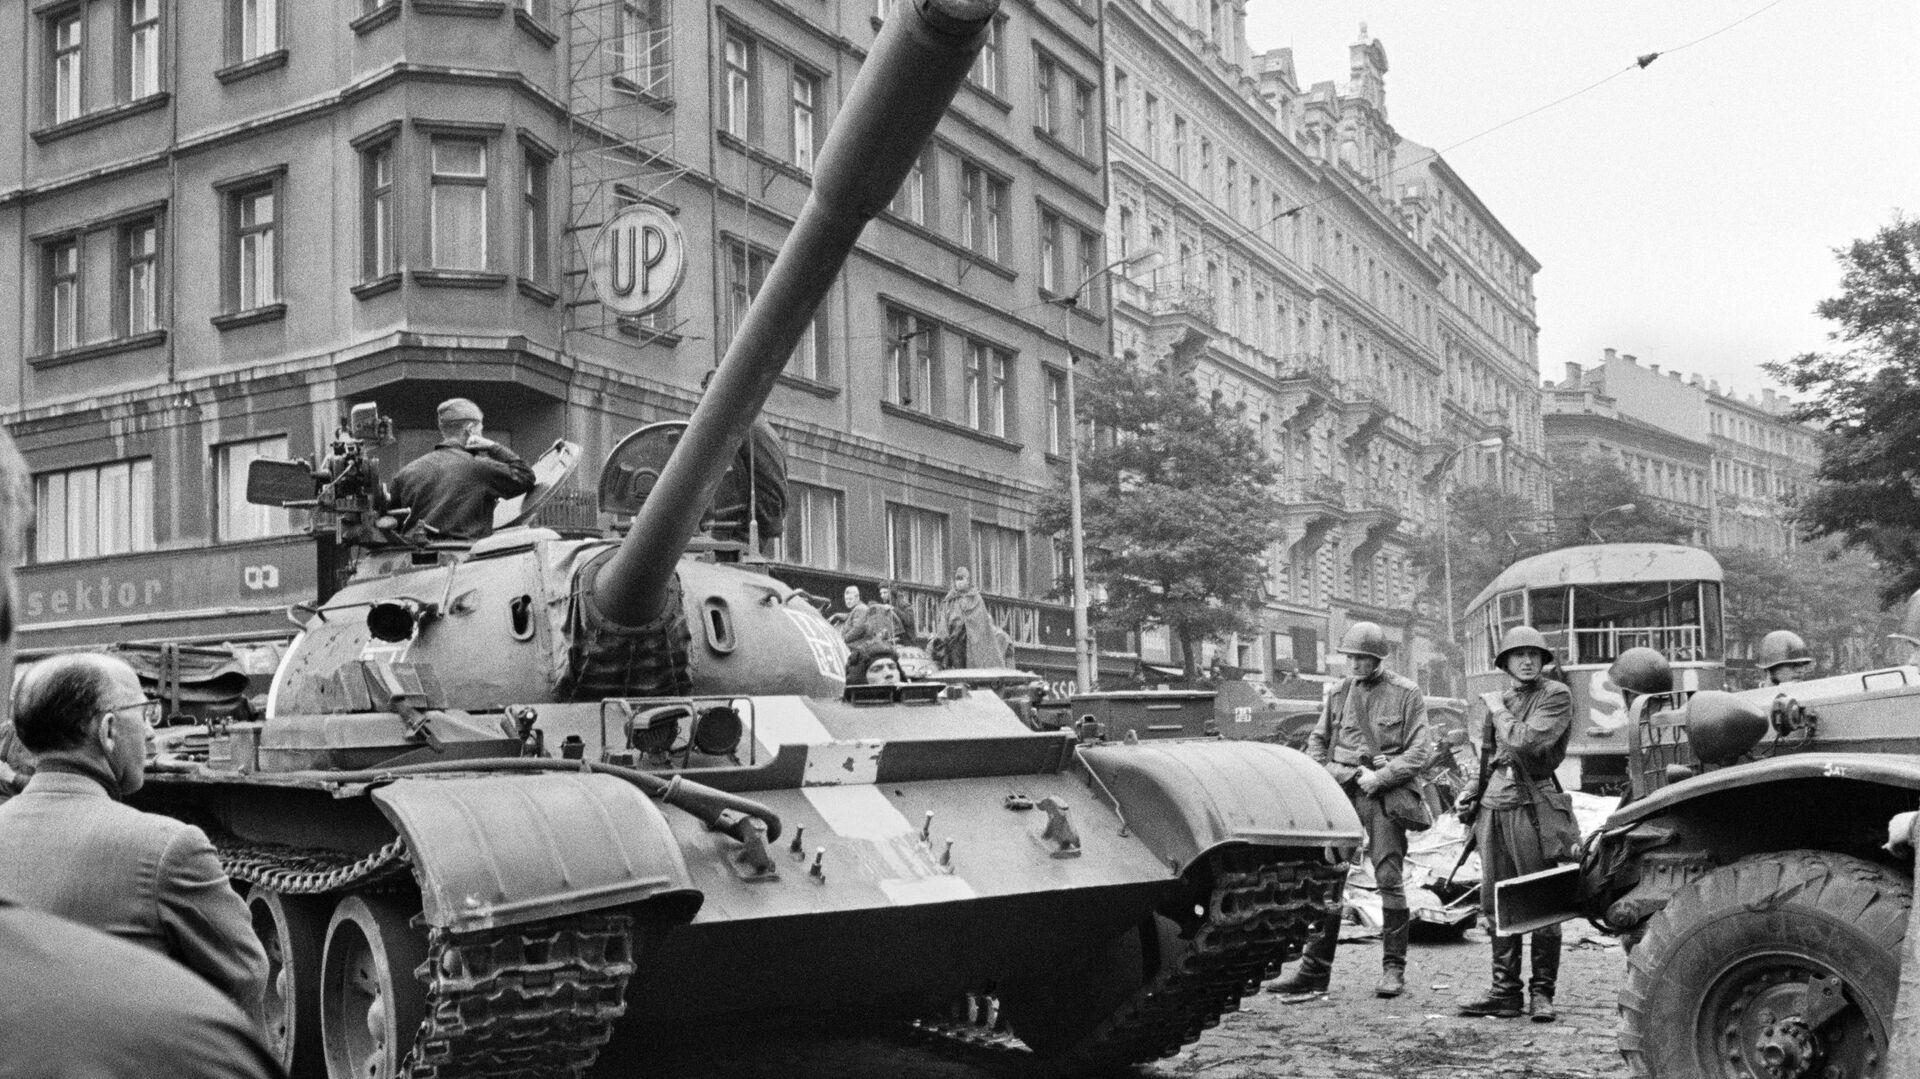 Sovětské tanky v ulicích Prahy v roce 1968 - Sputnik Česká republika, 1920, 28.09.2021